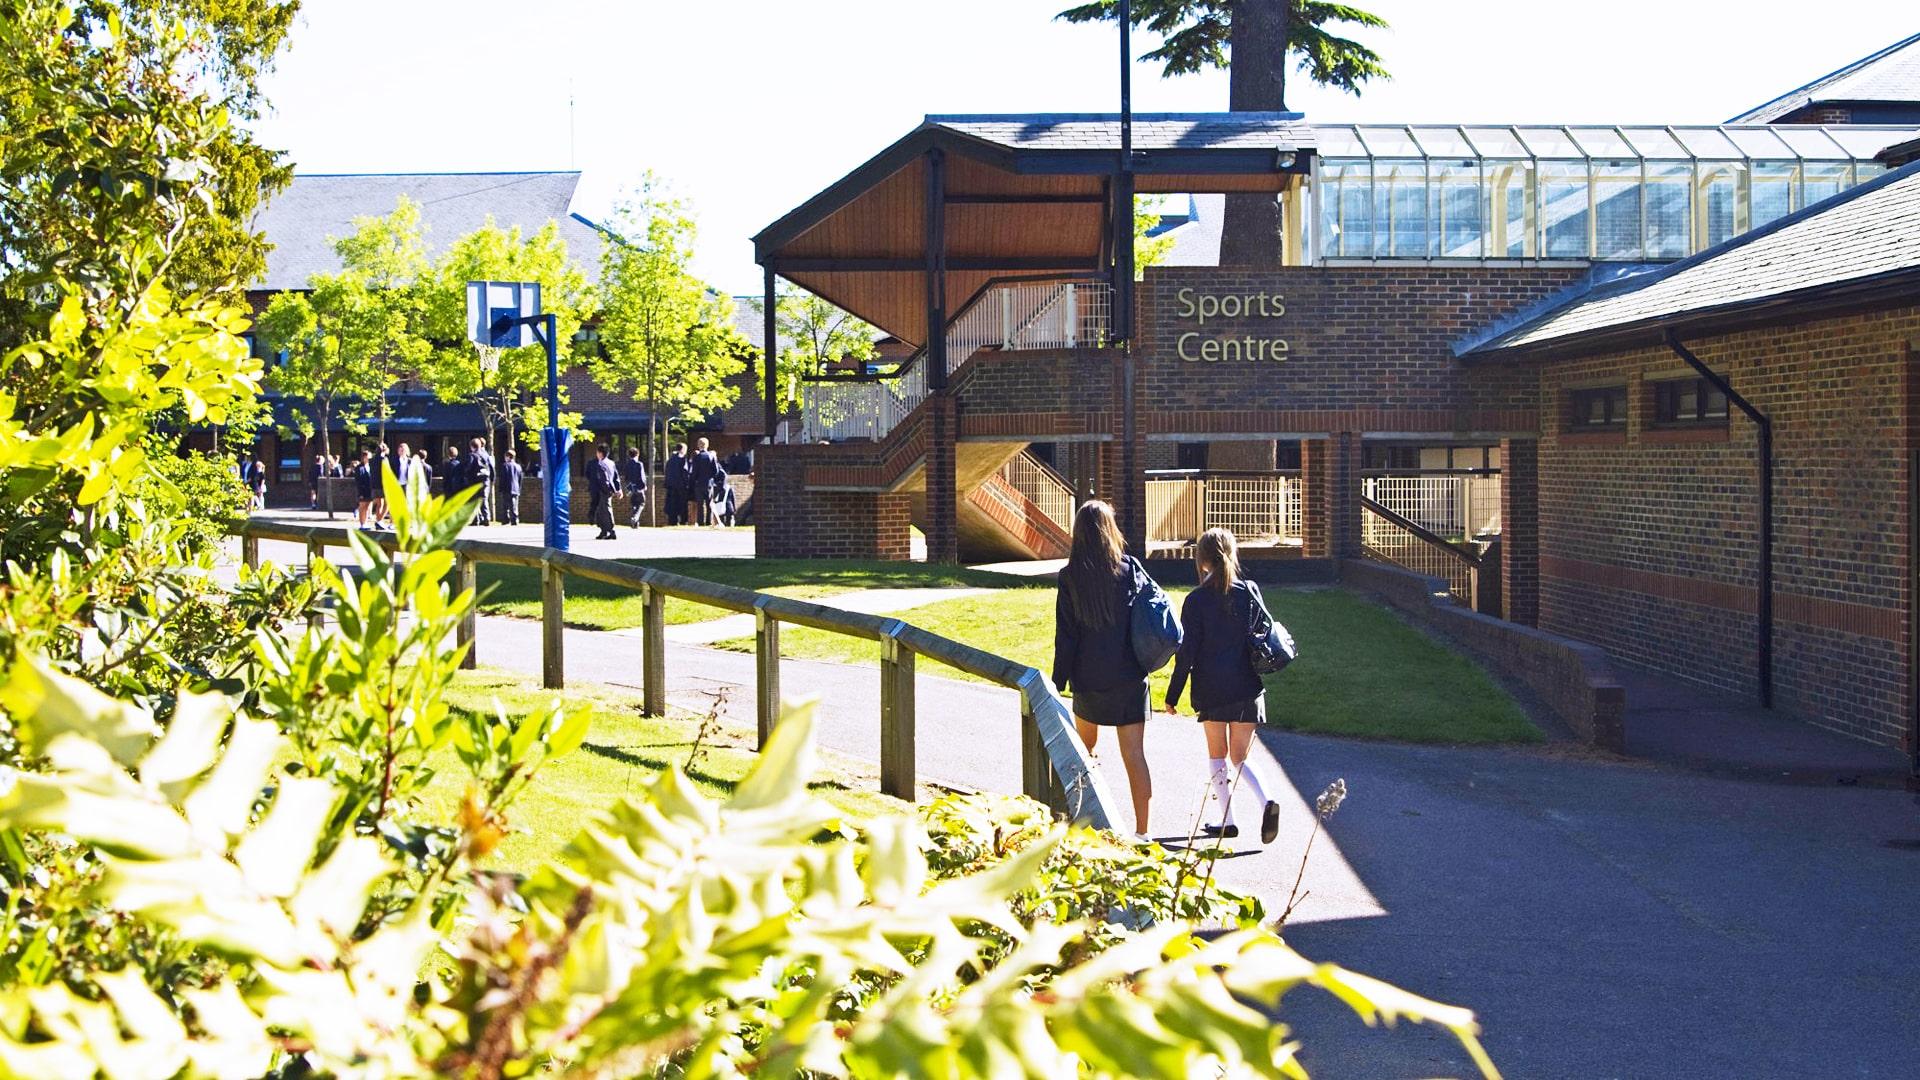 Internado año escolar en Inglaterra LVS Ascot Licensed Victuallers' School